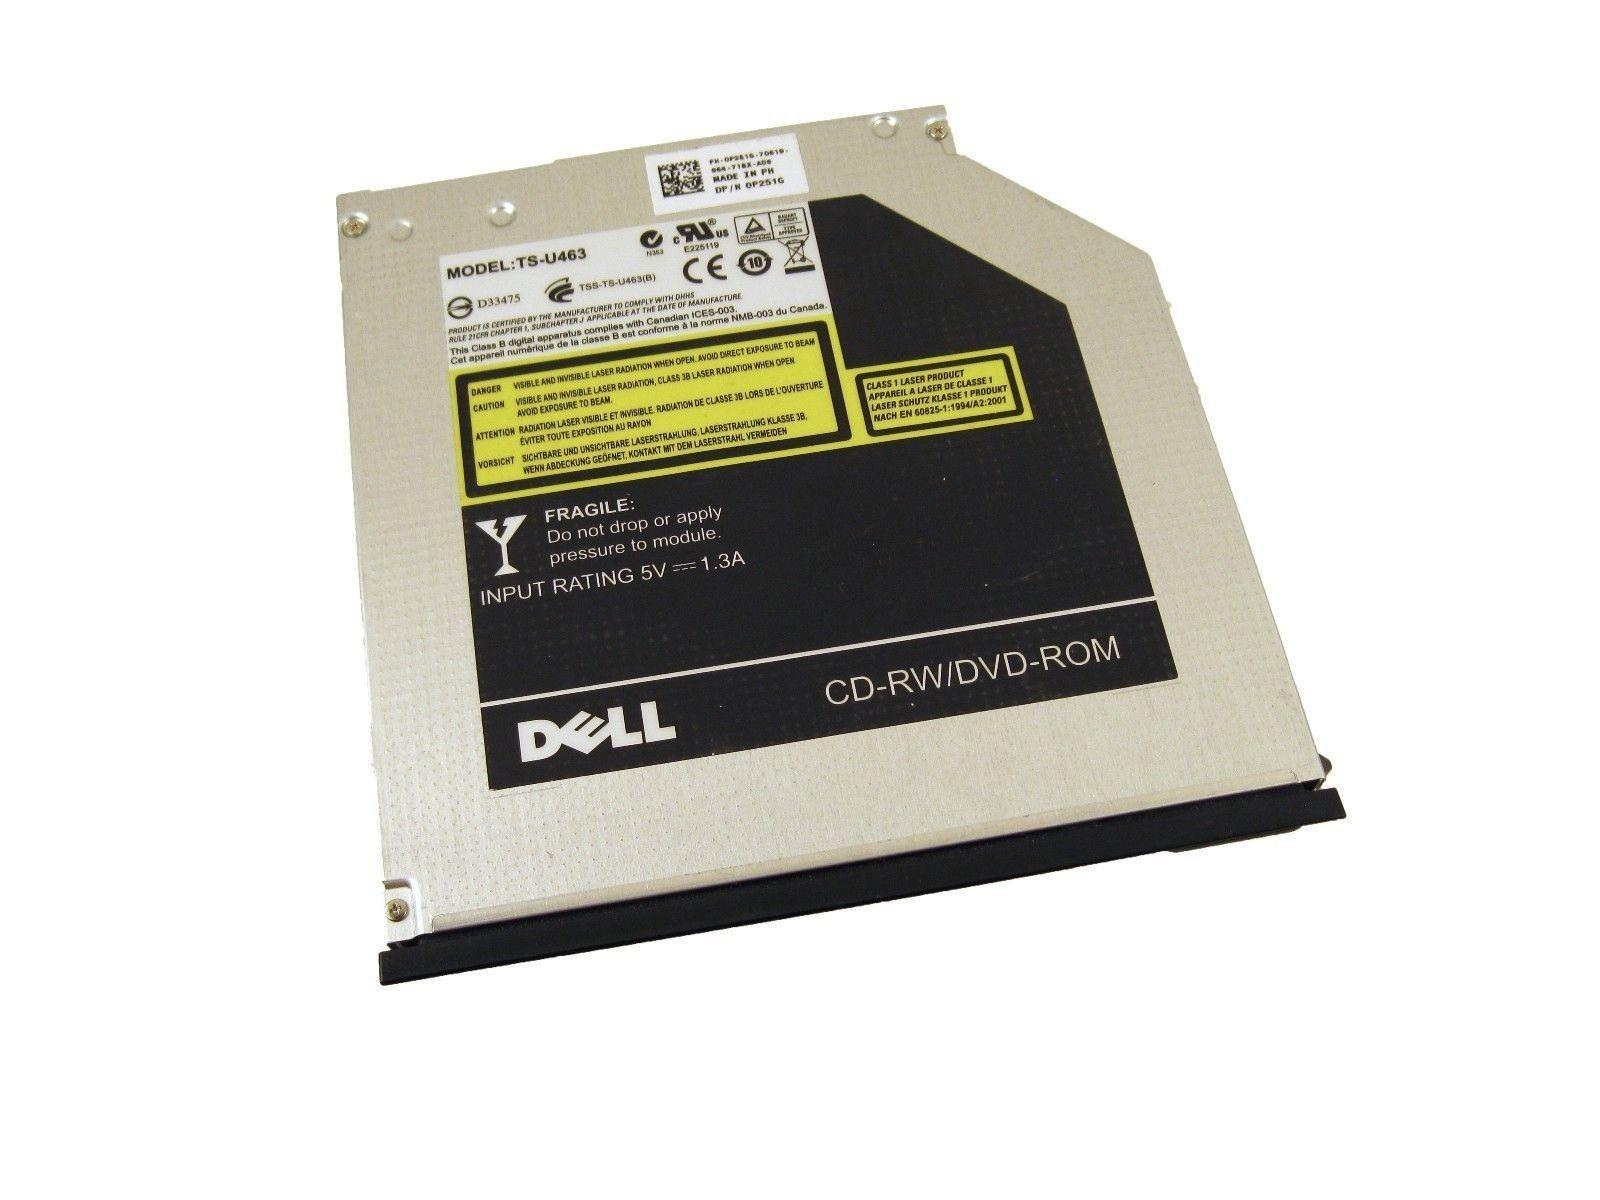 Dell P251G Latitude E6400 E6500 E4300 SATA DVD CDRW Combo Drive